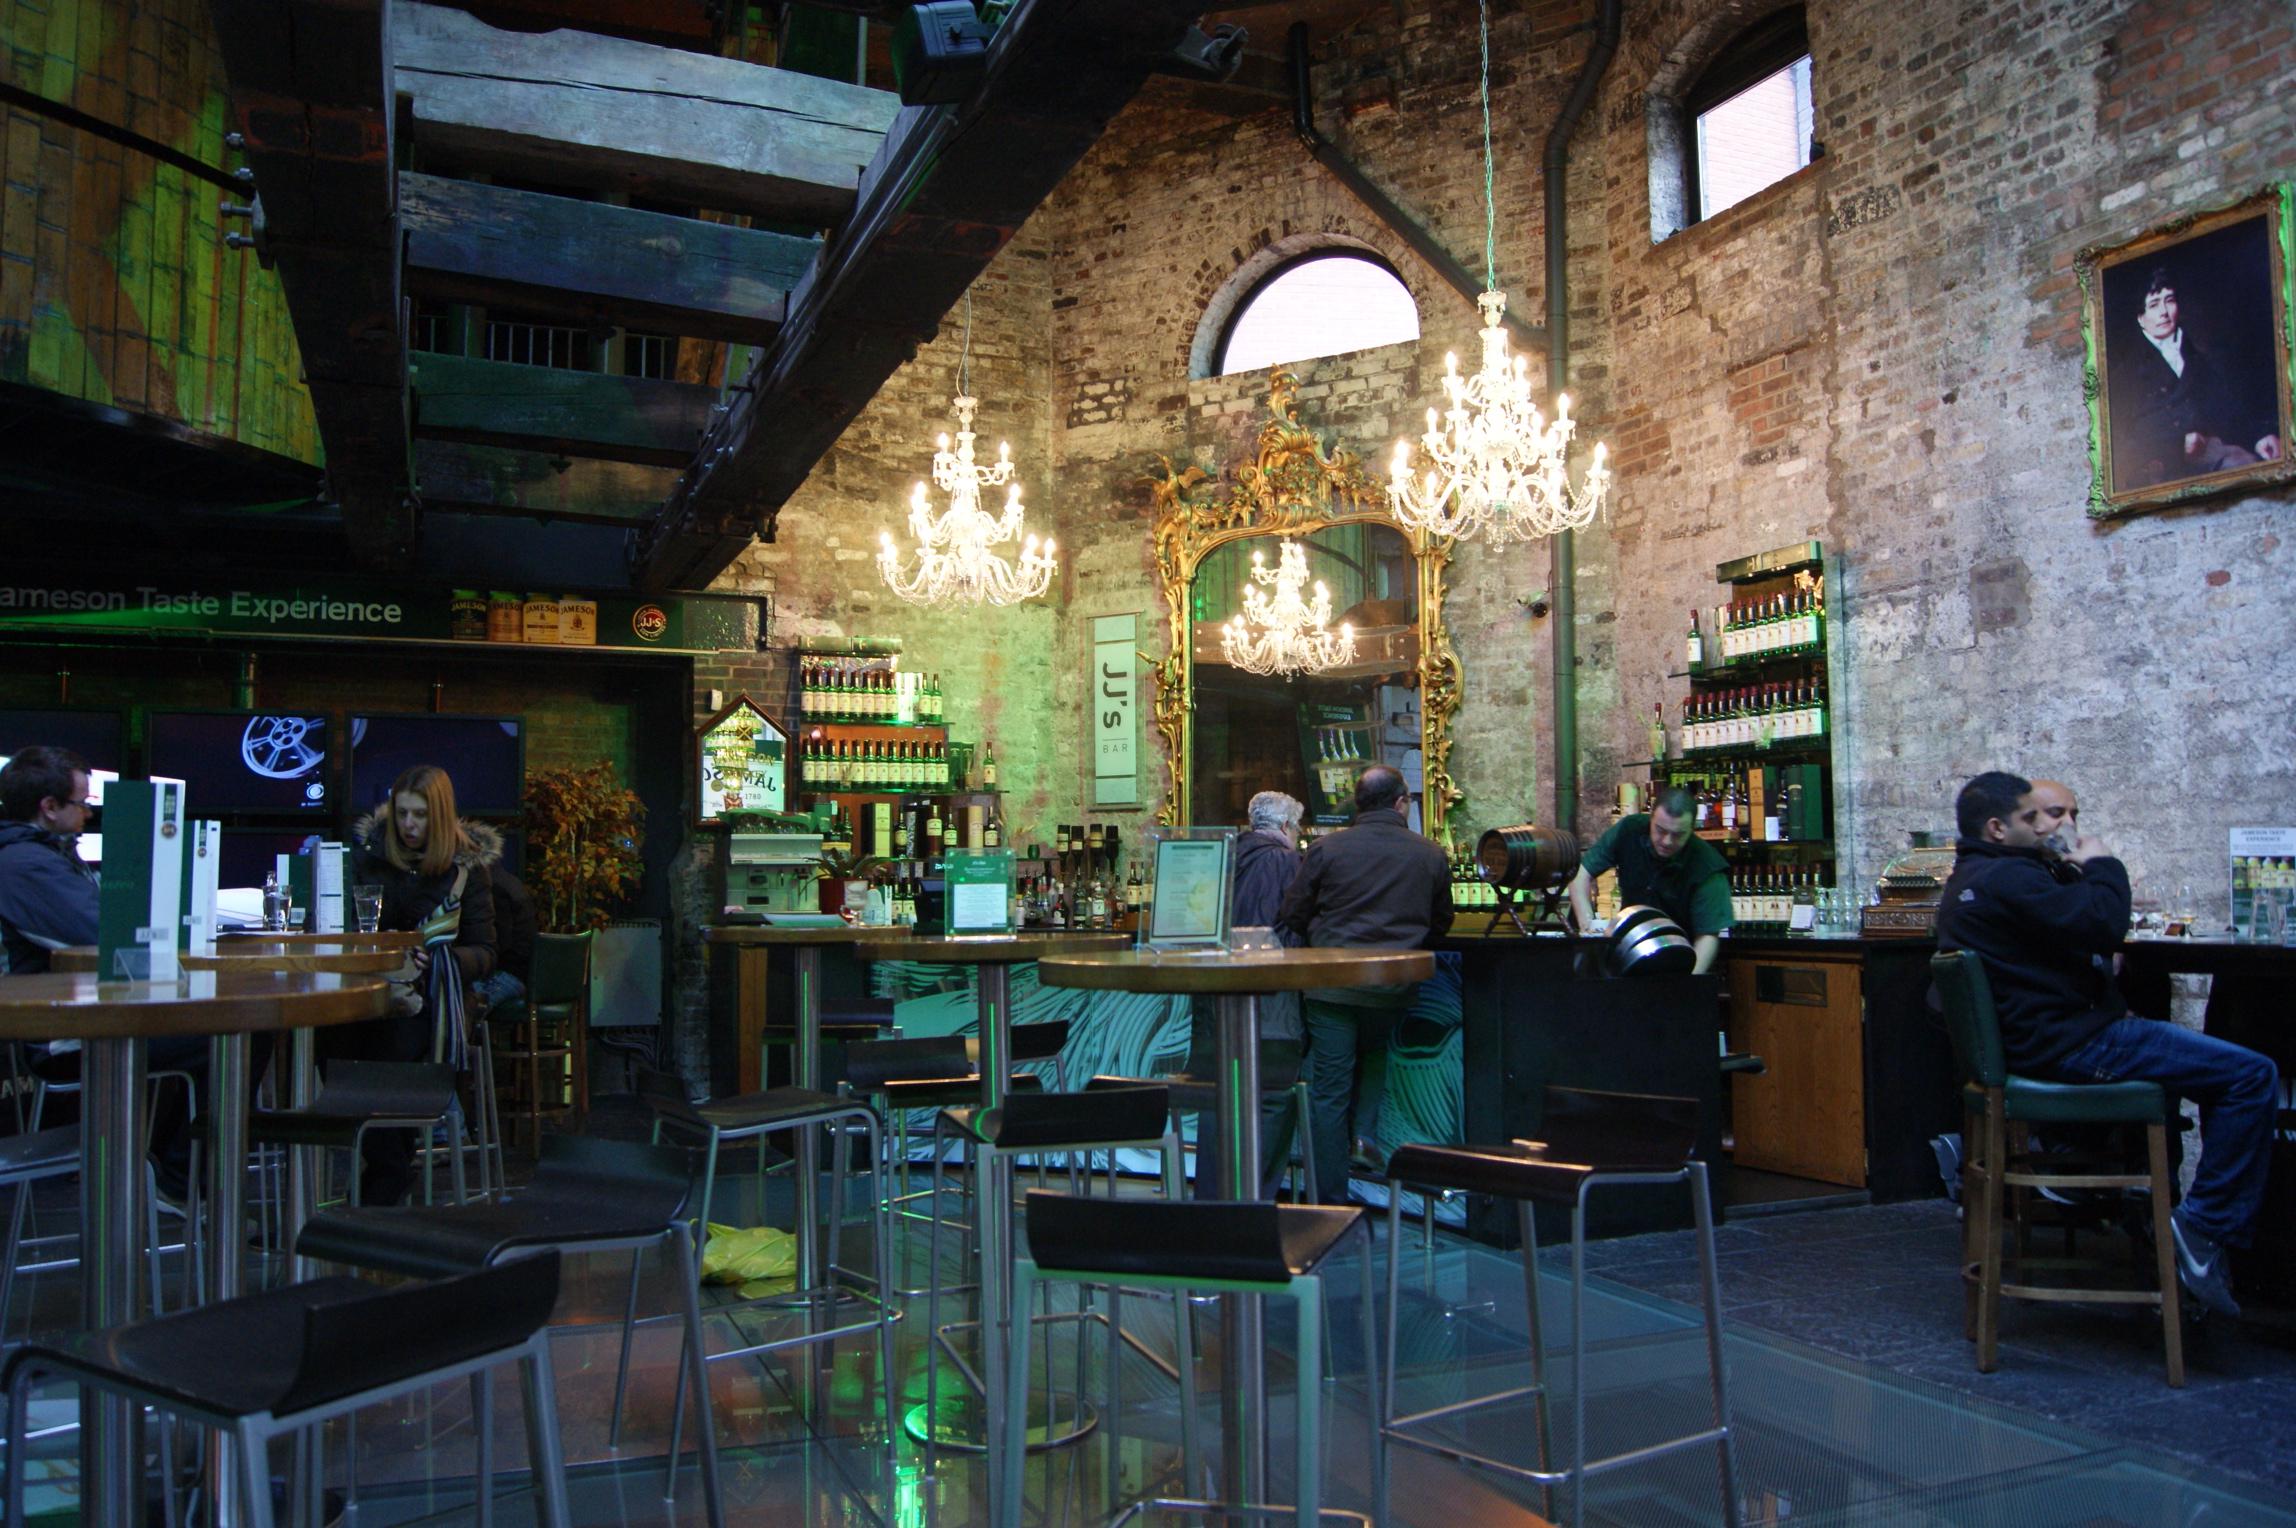 The bar inside the distillery